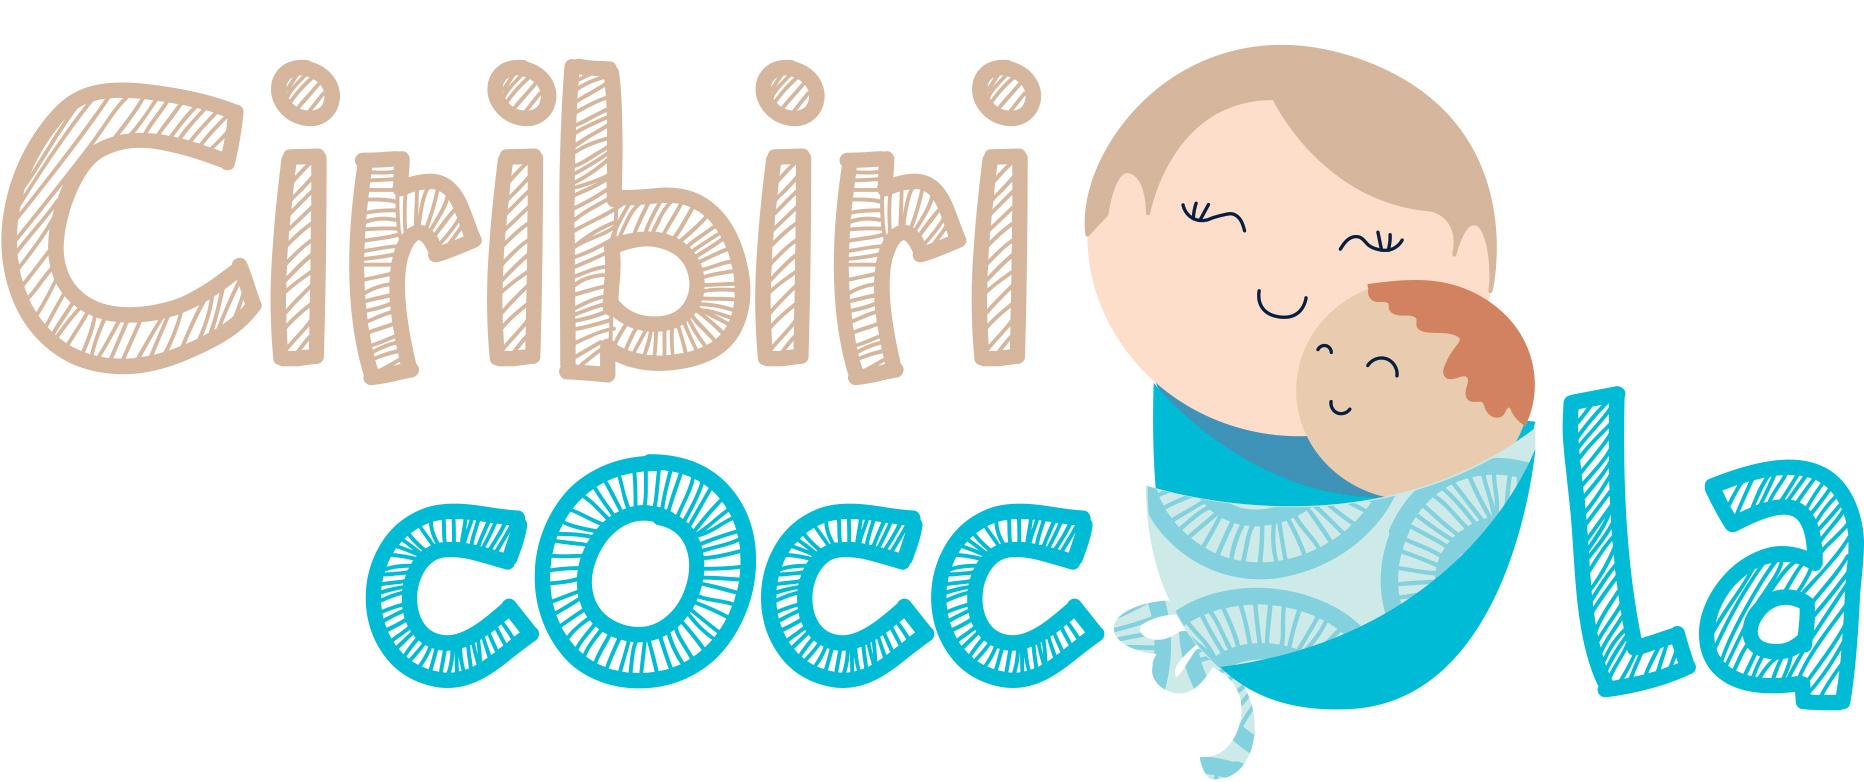 LOGO-DEF_CIRIBIRICOCCOLA